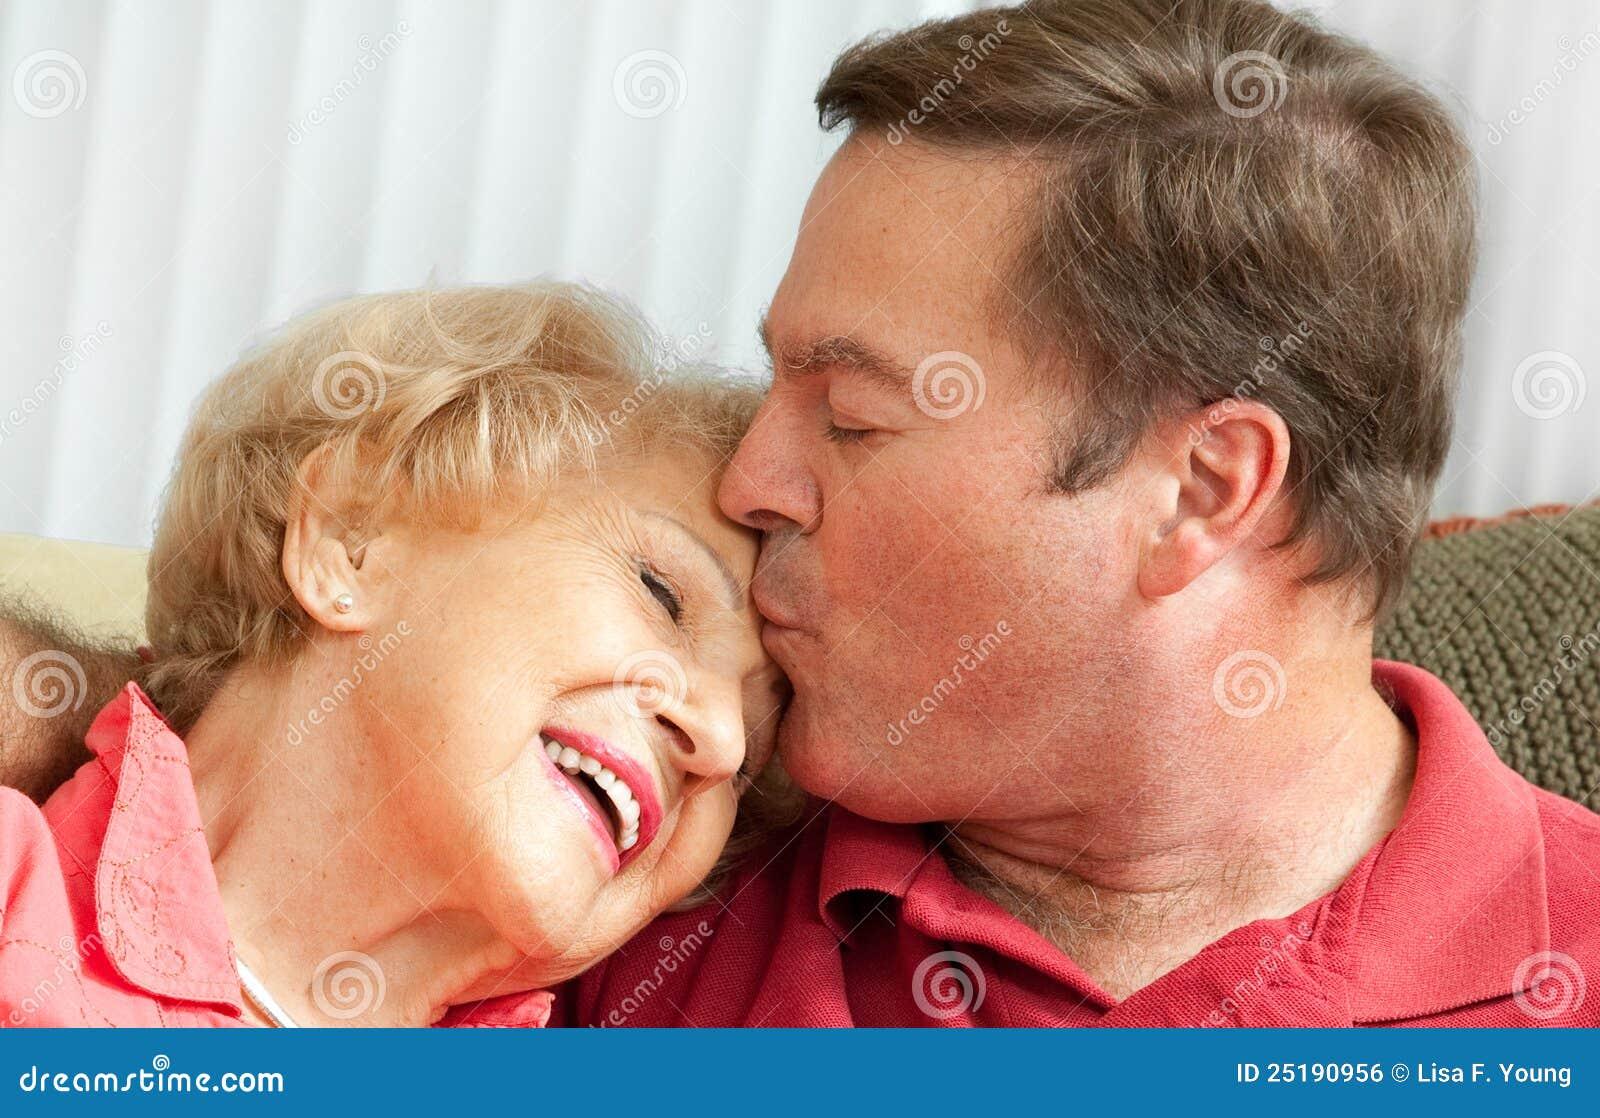 Сын чмокнул свою мать, Сын ебёт маму -видео. Смотреть сын ебёт маму 21 фотография